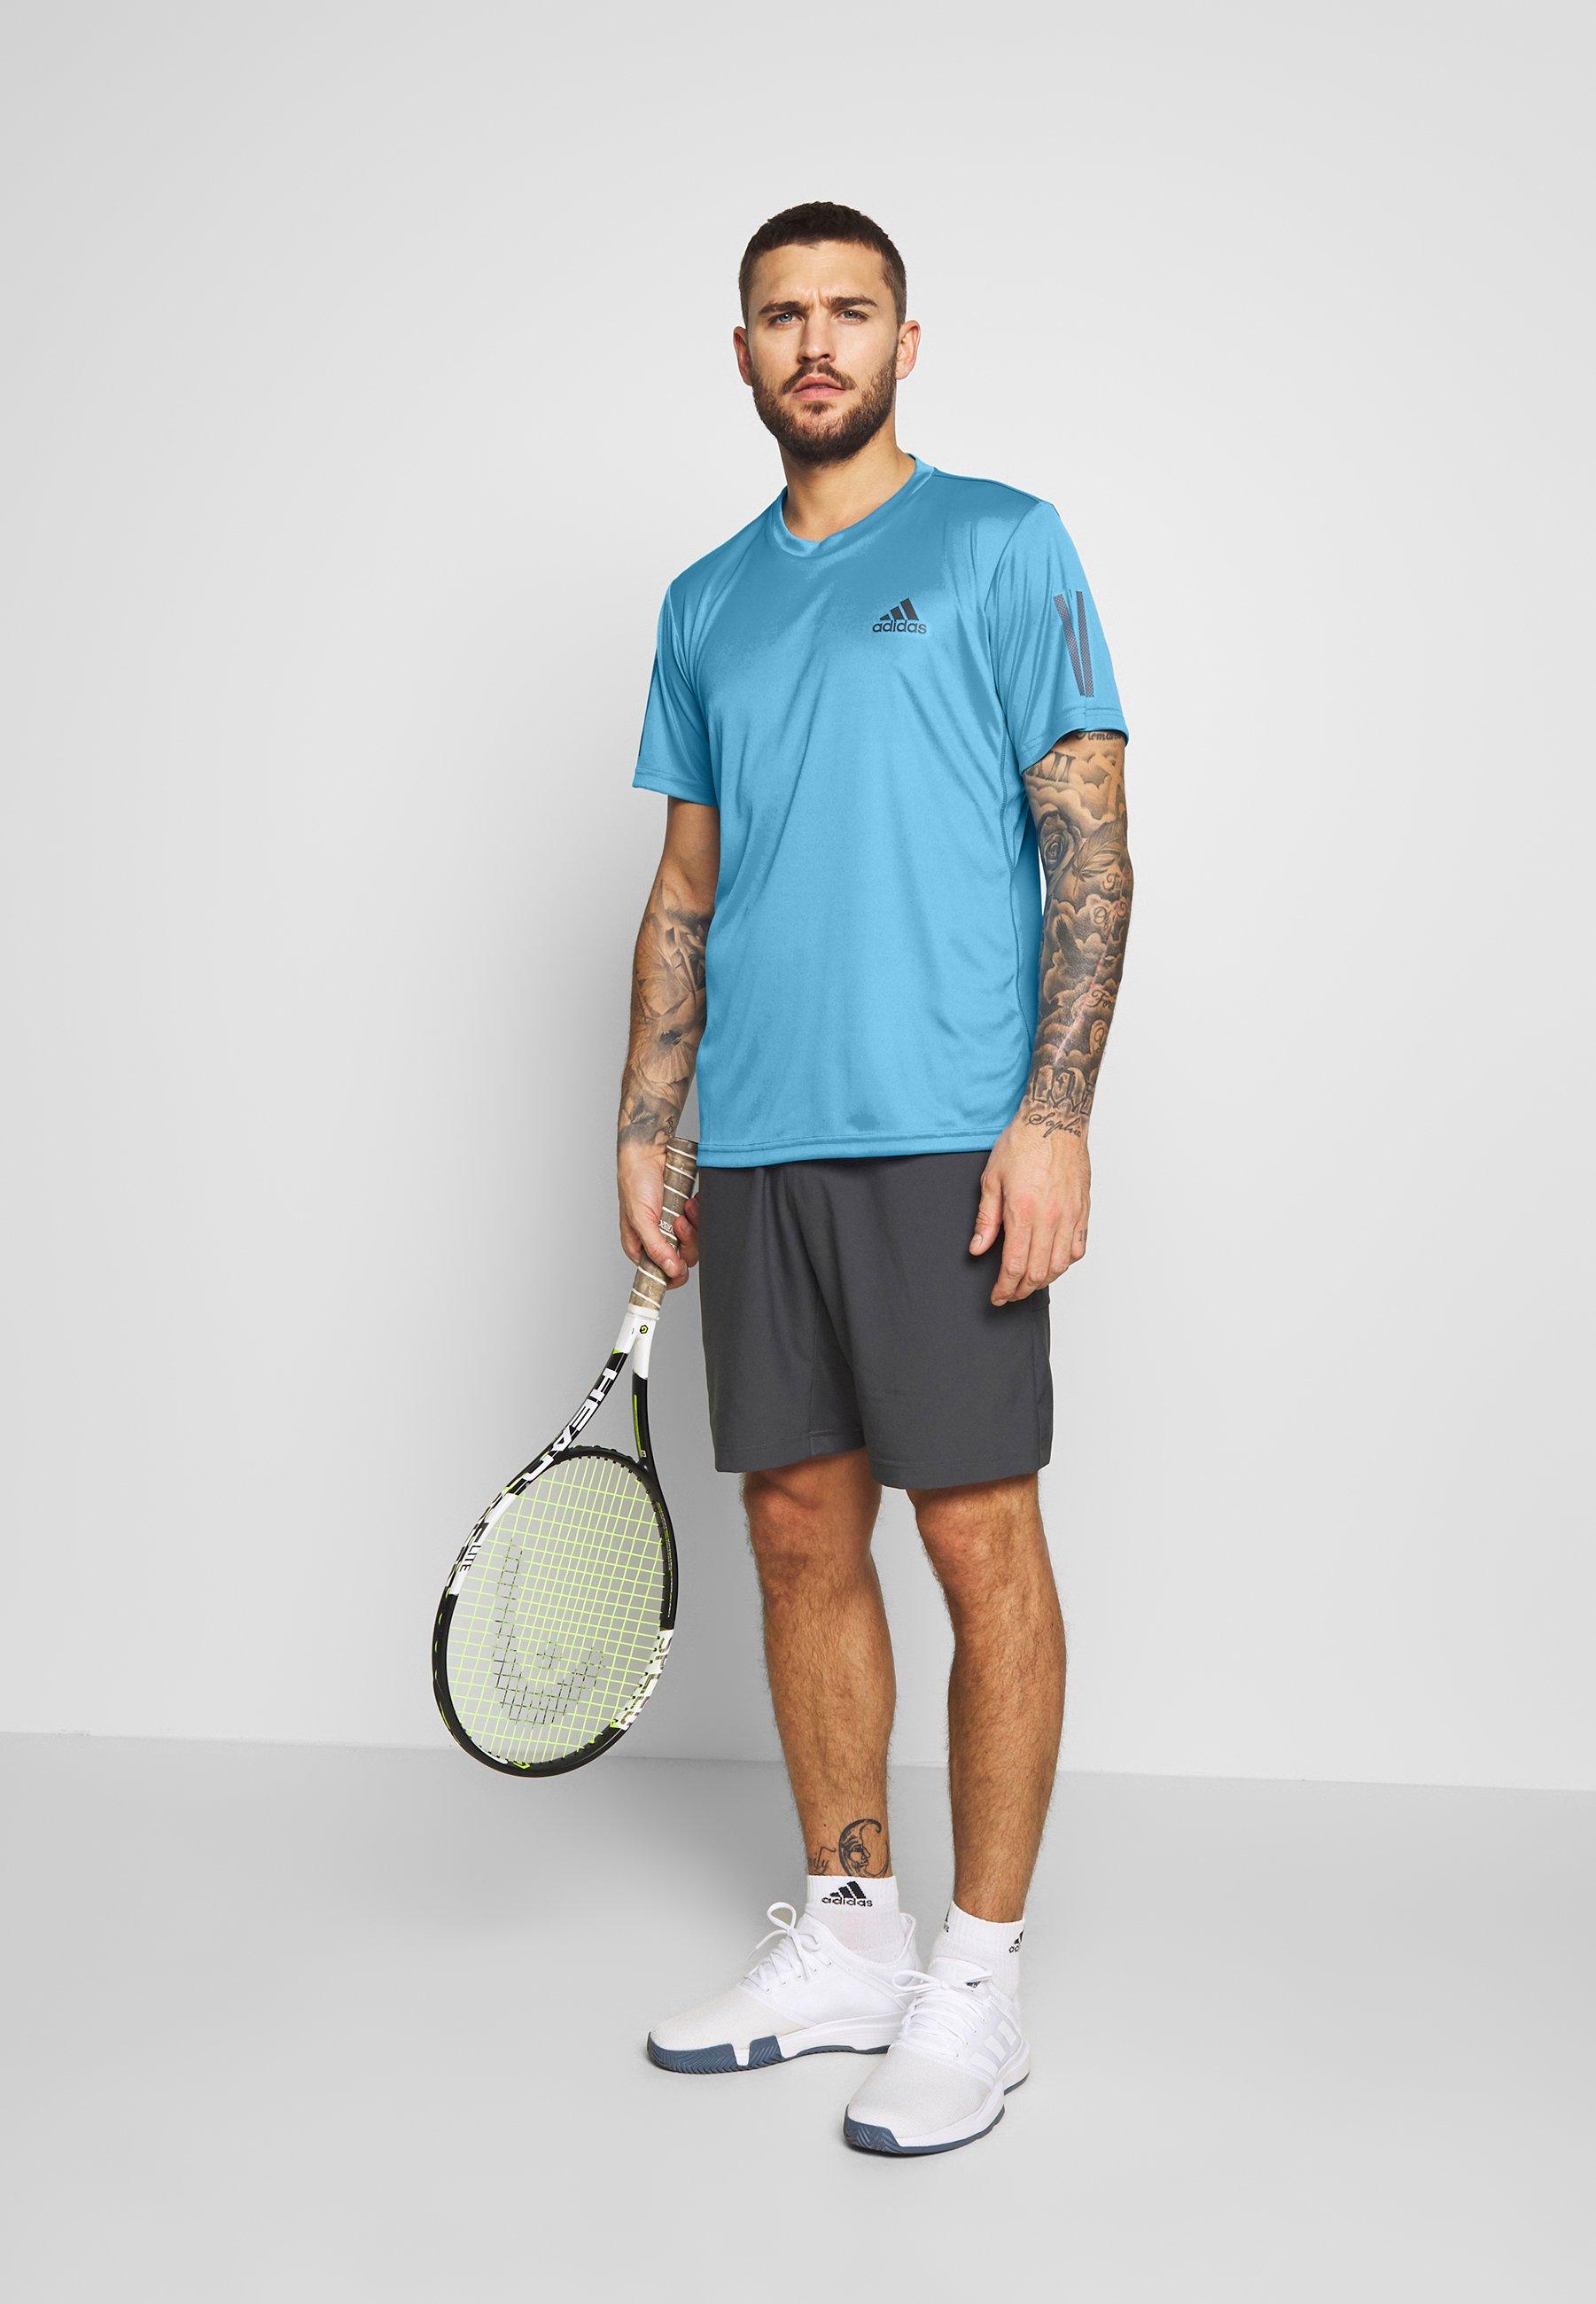 Adidas Performance Club Tee - T-shirts Print Blue